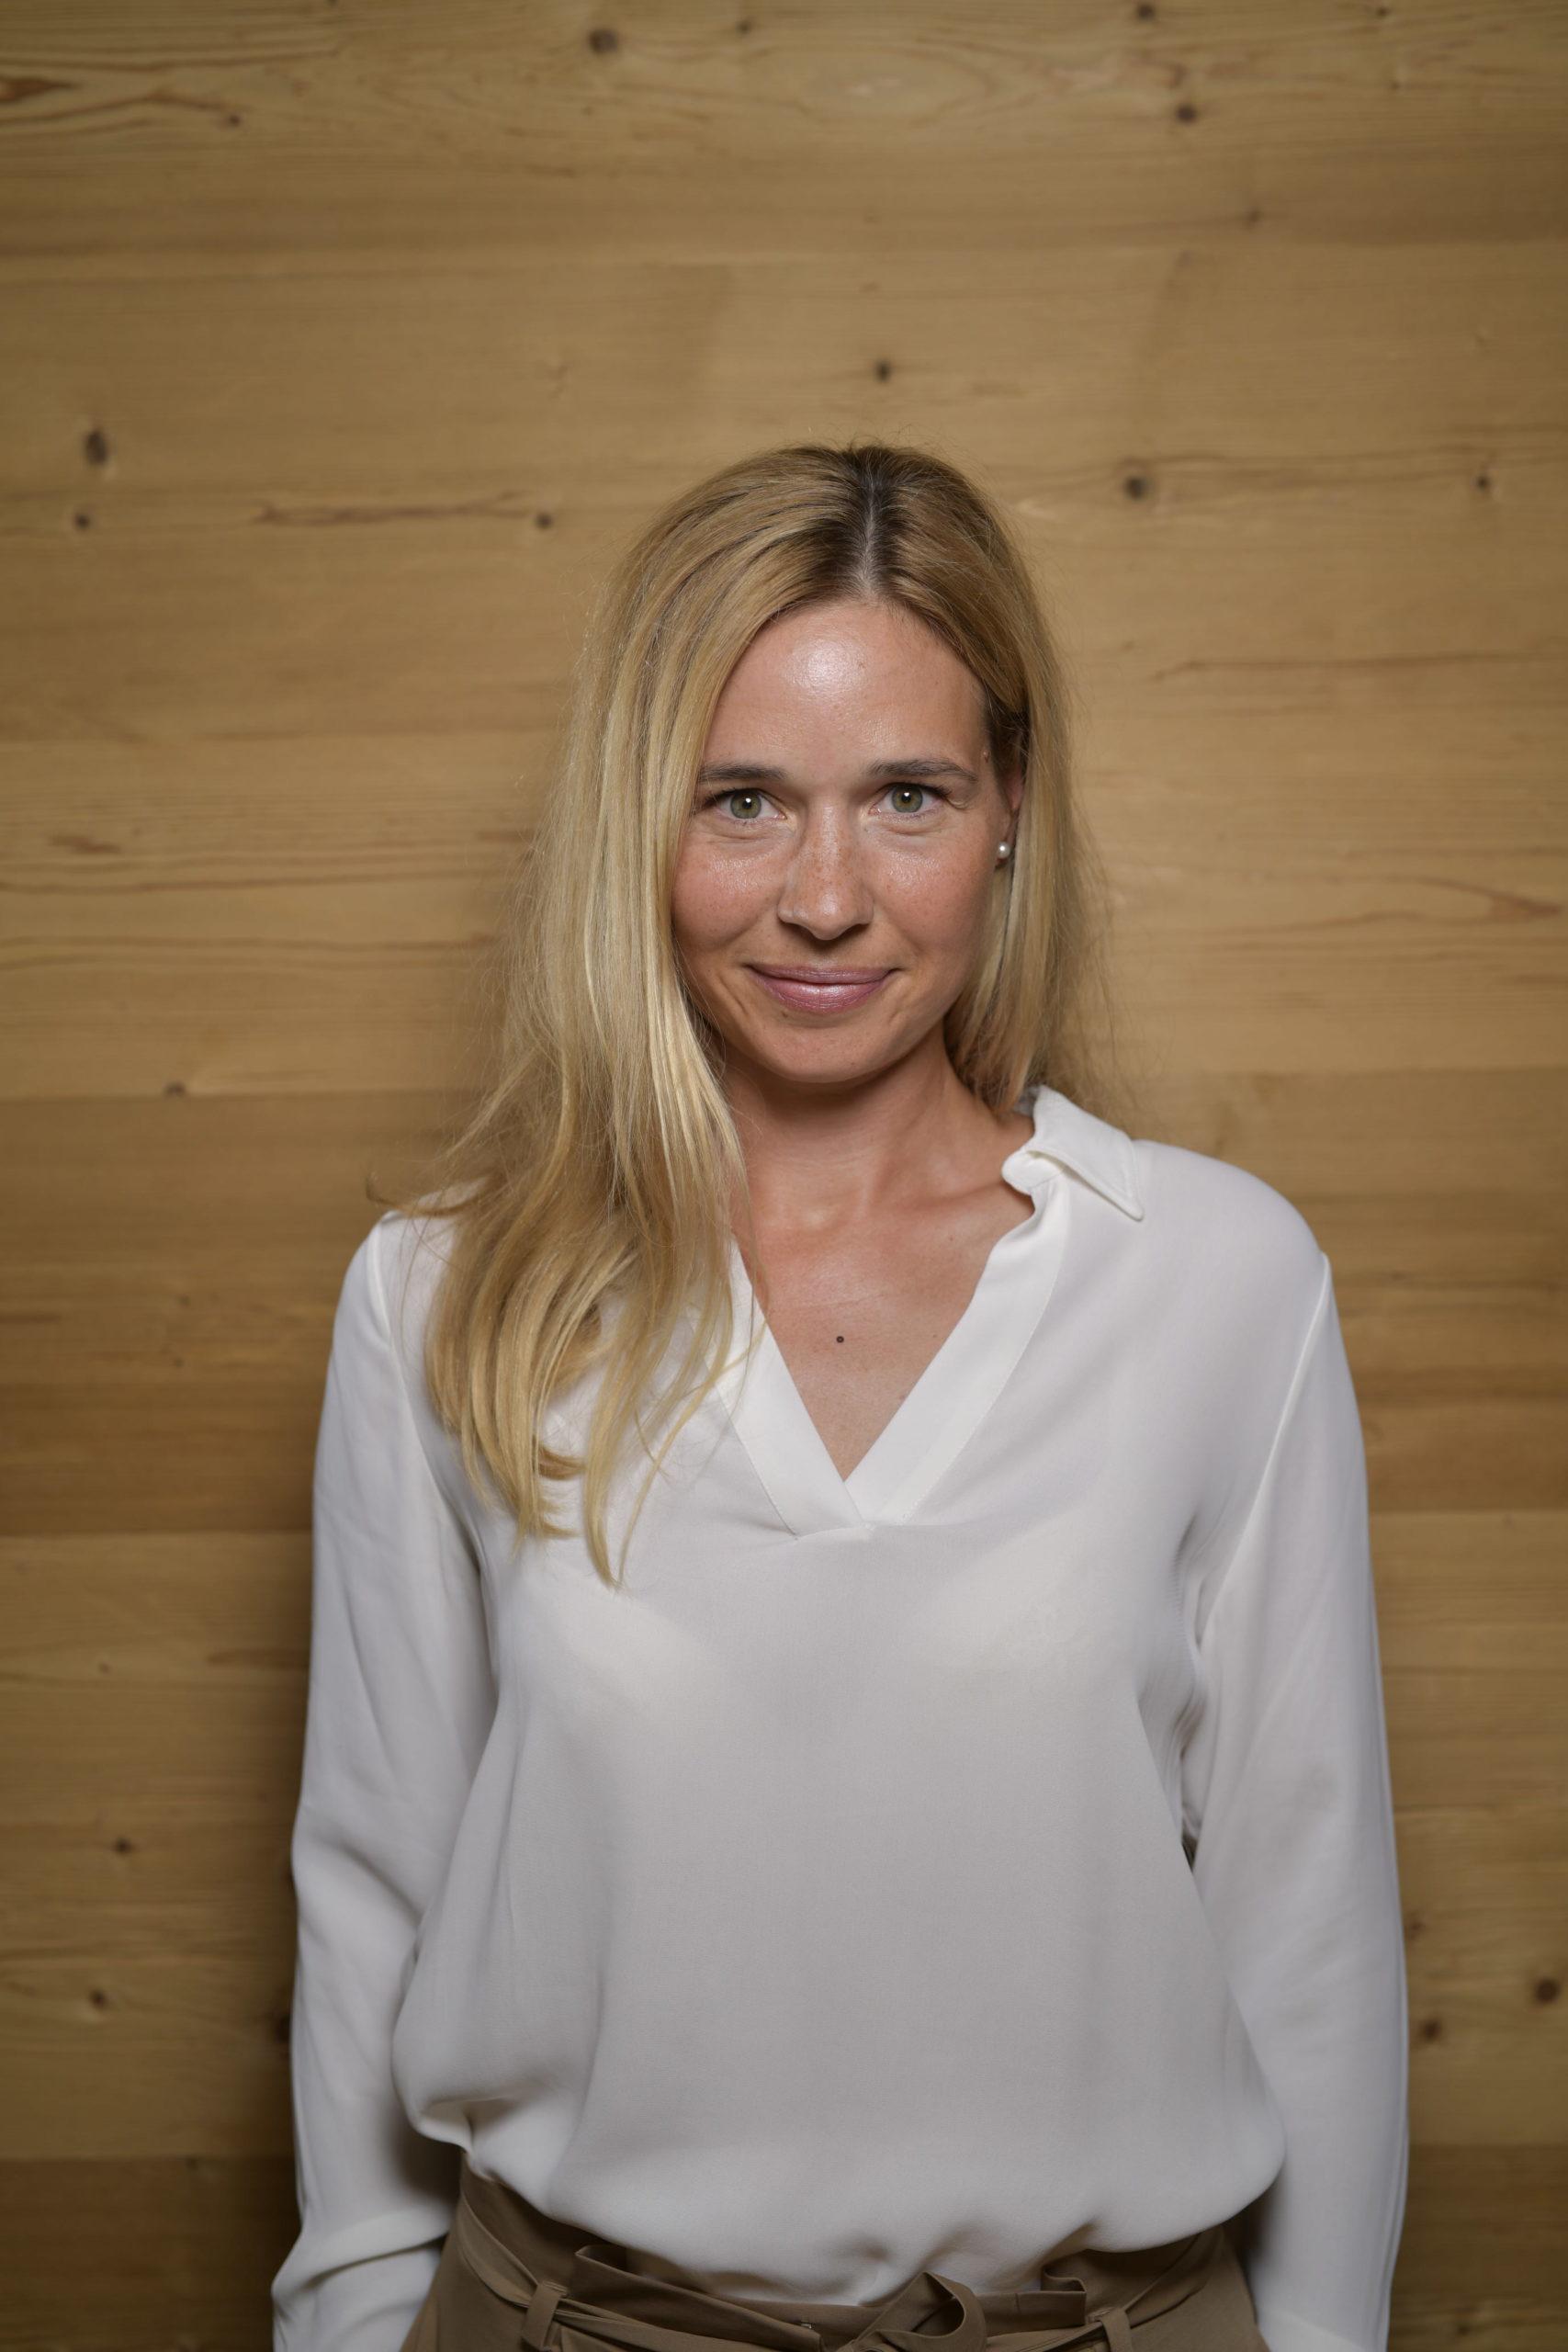 Valerie van Dijk